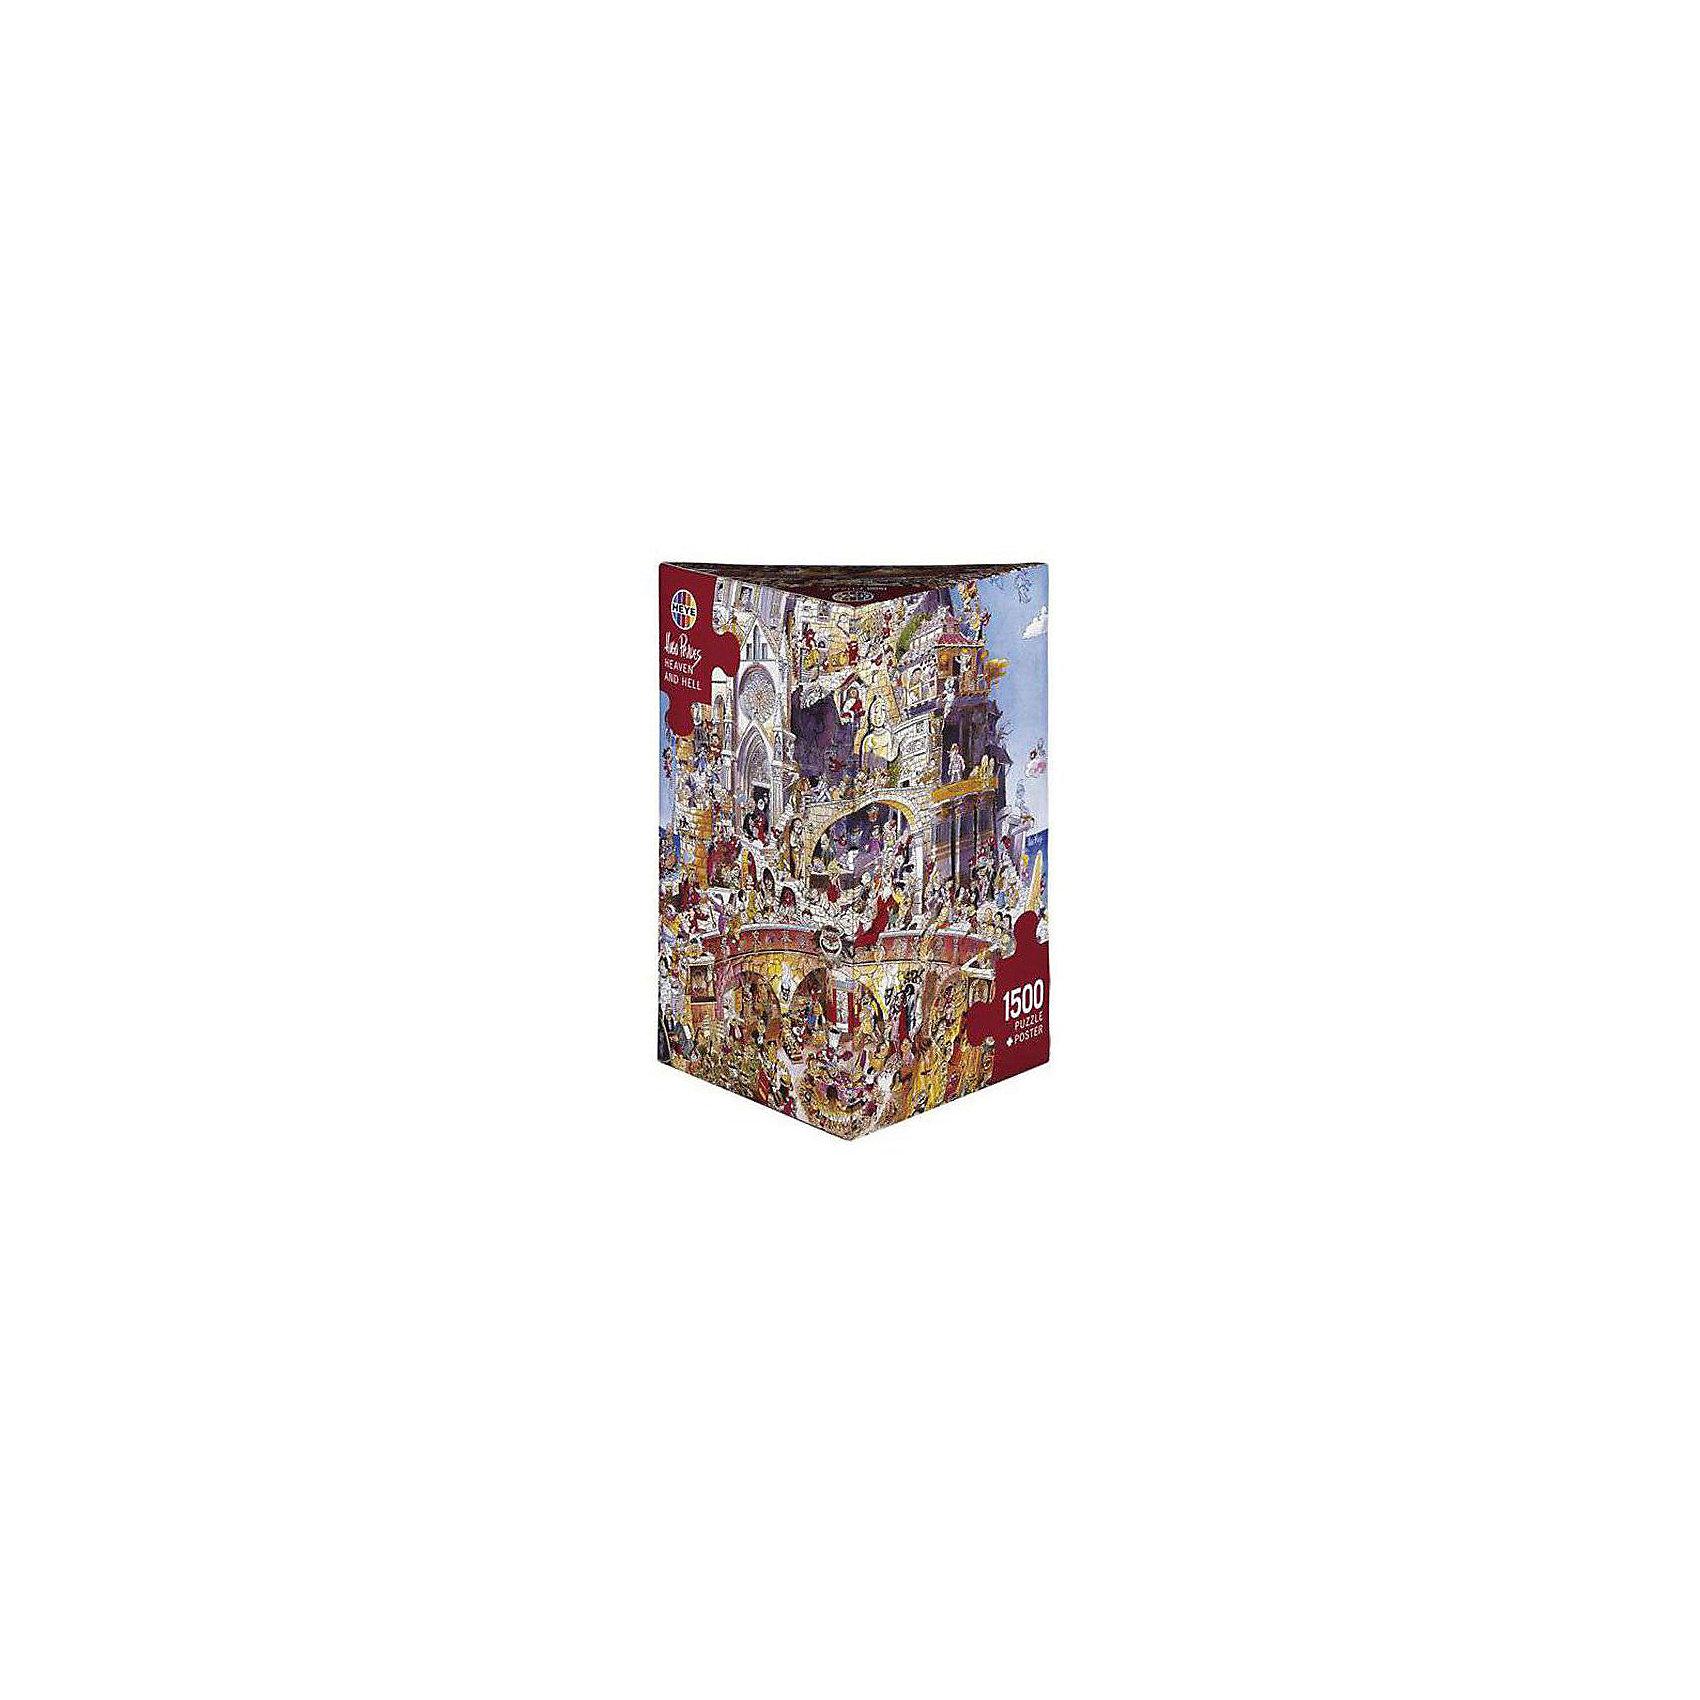 HEYE Пазл Рай и Ад, 1500 деталей, HEYE пазлы magic pazle объемный 3d пазл эйфелева башня 78x38x35 см